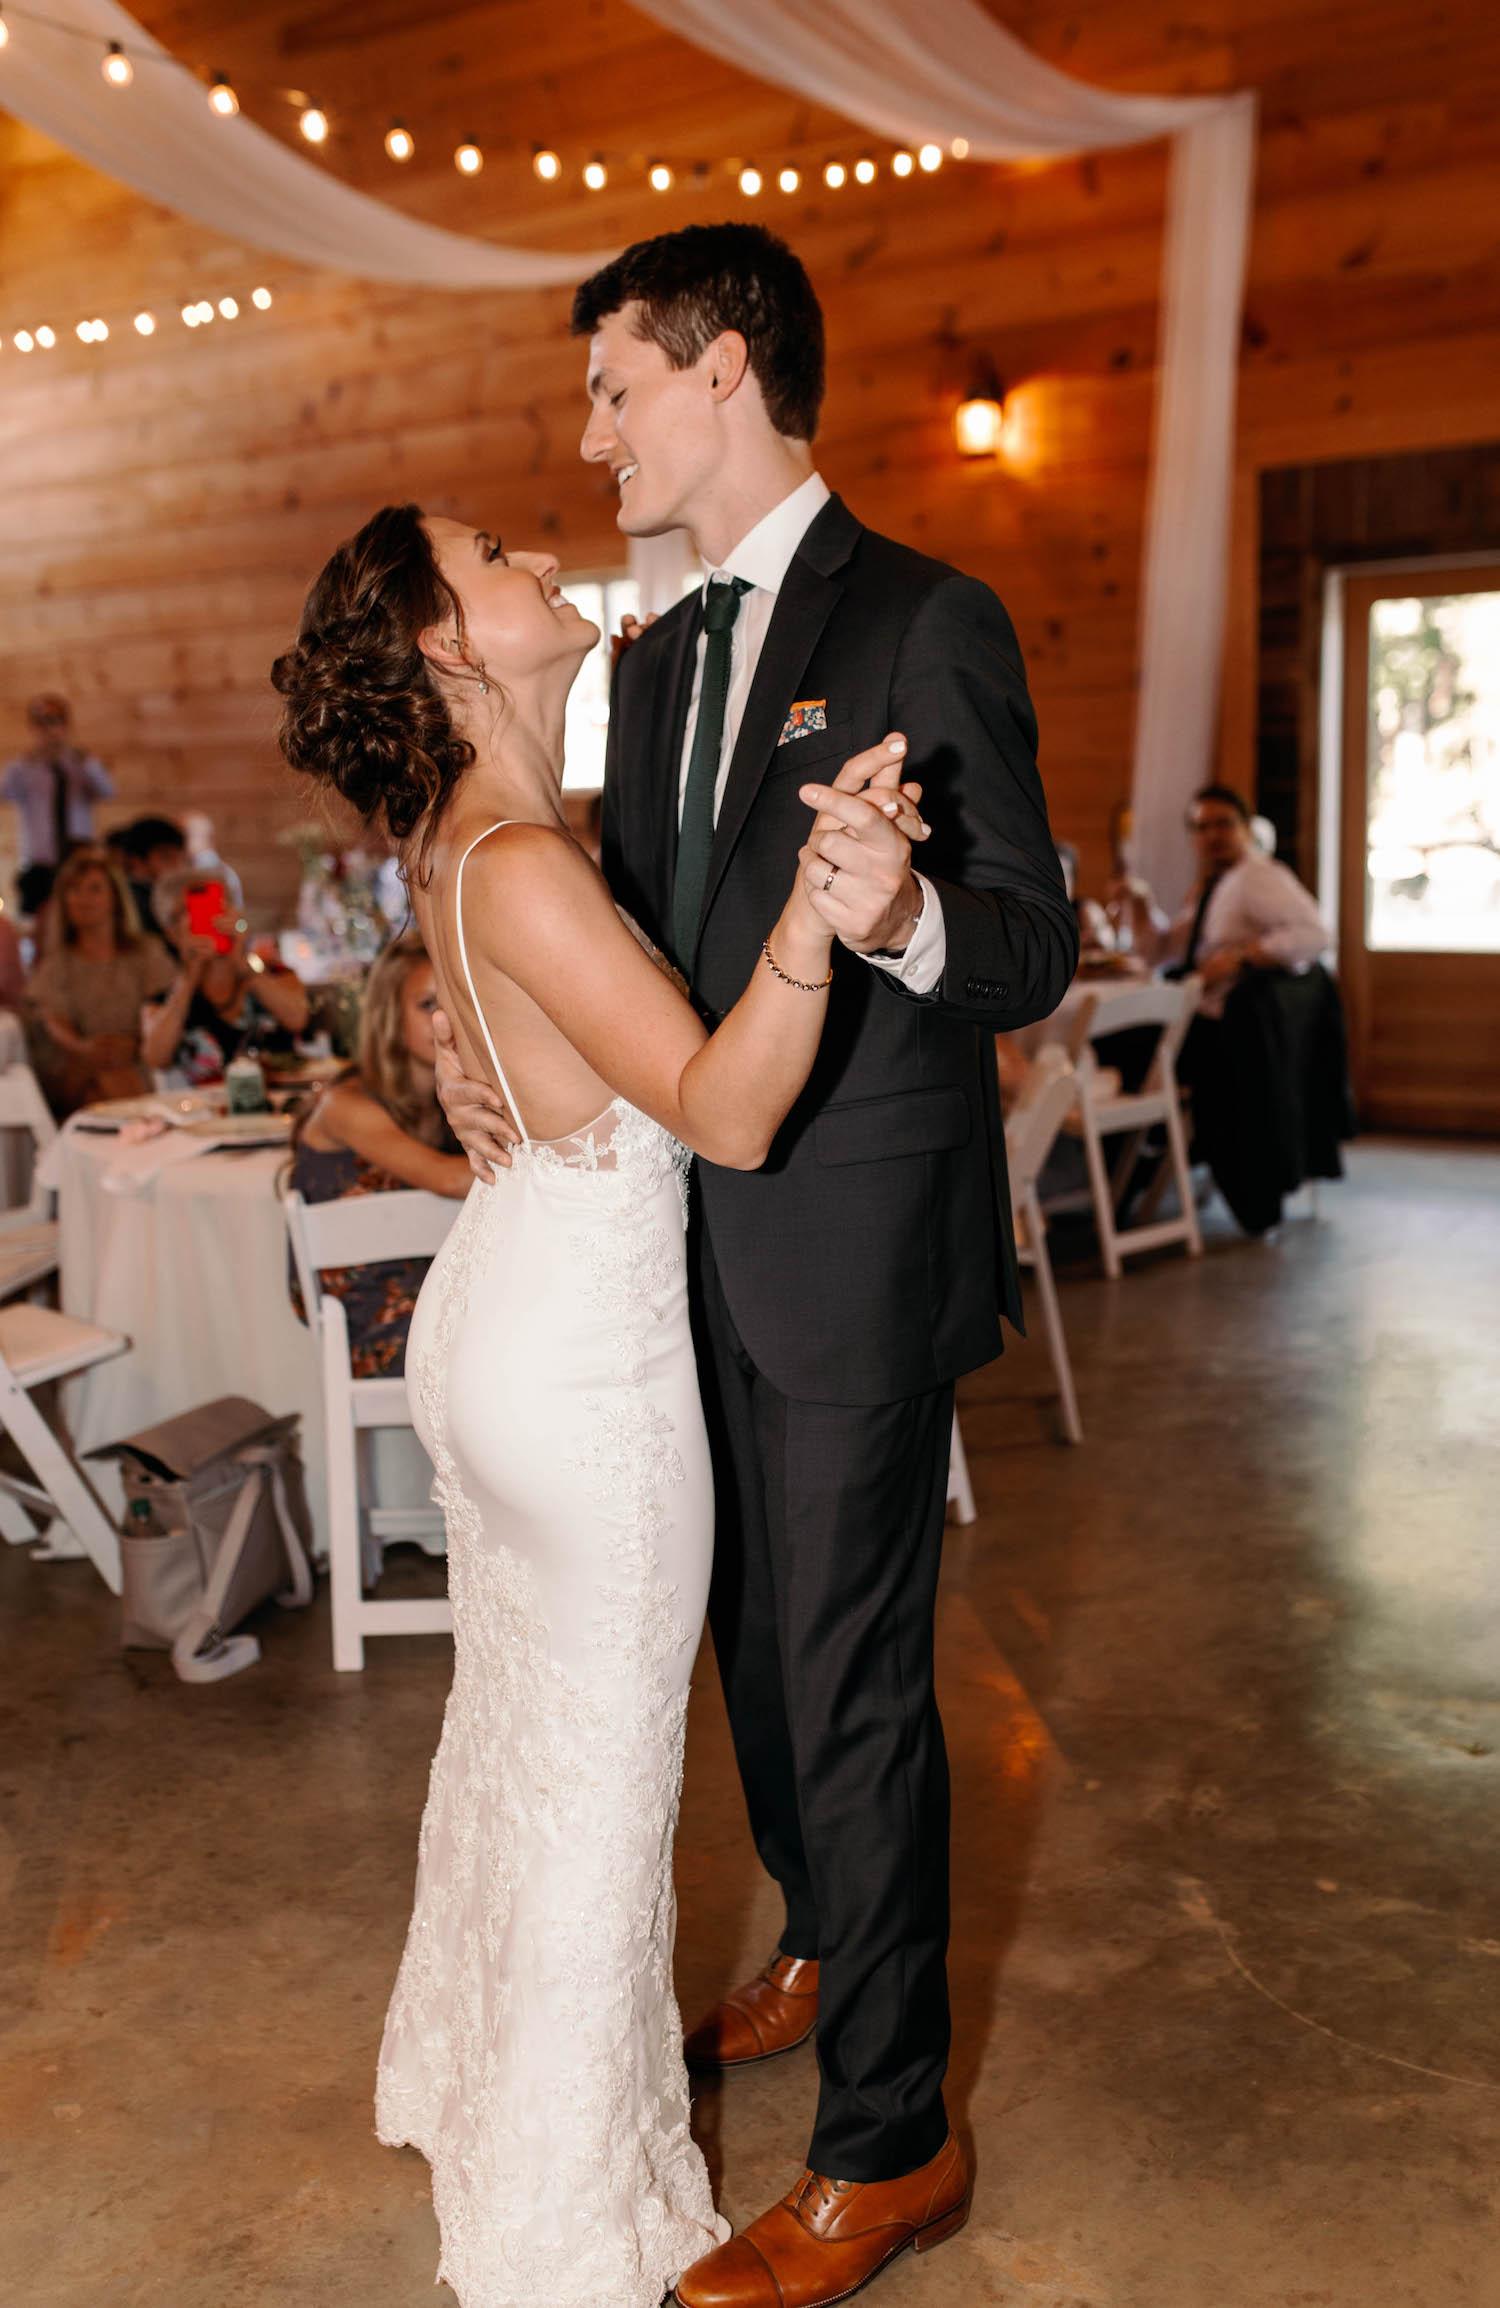 Carly-Adam-Three-Oaks-Farm-Wedding-328.jpg